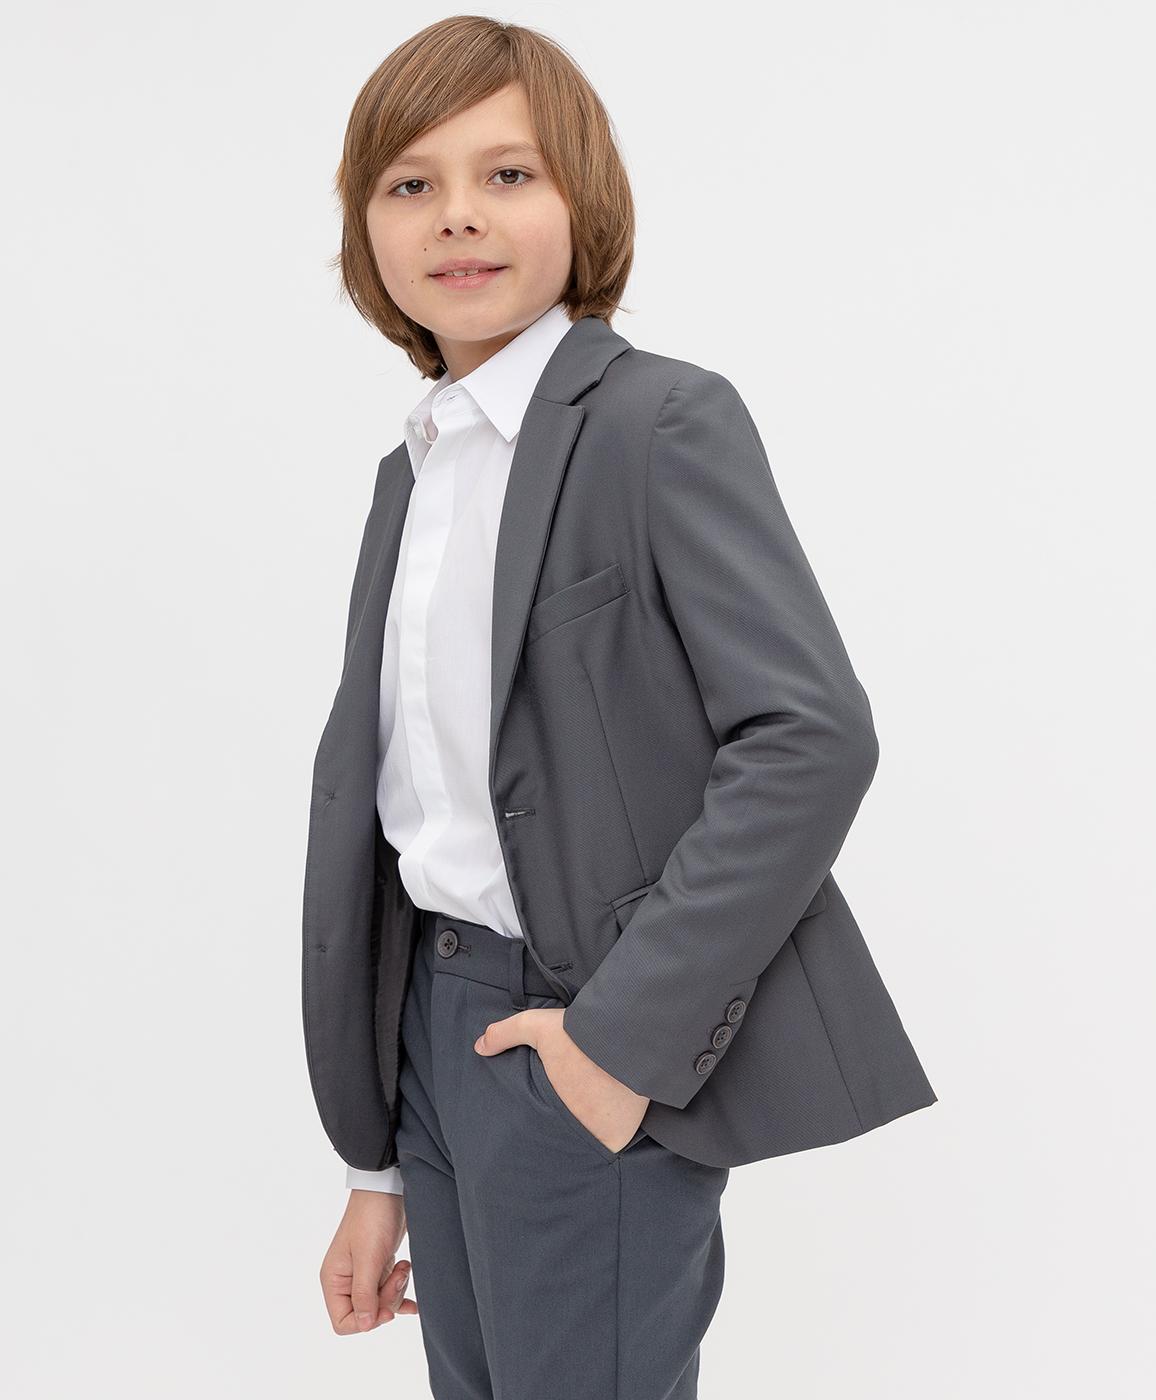 Купить 221BBBS48010100, Пиджак серый двубортный Button Blue, 134, Полиэстер, Мужской, ШКОЛЬНАЯ ФОРМА 2021-2022 (shop: GulliverMarket Gulliver Market)